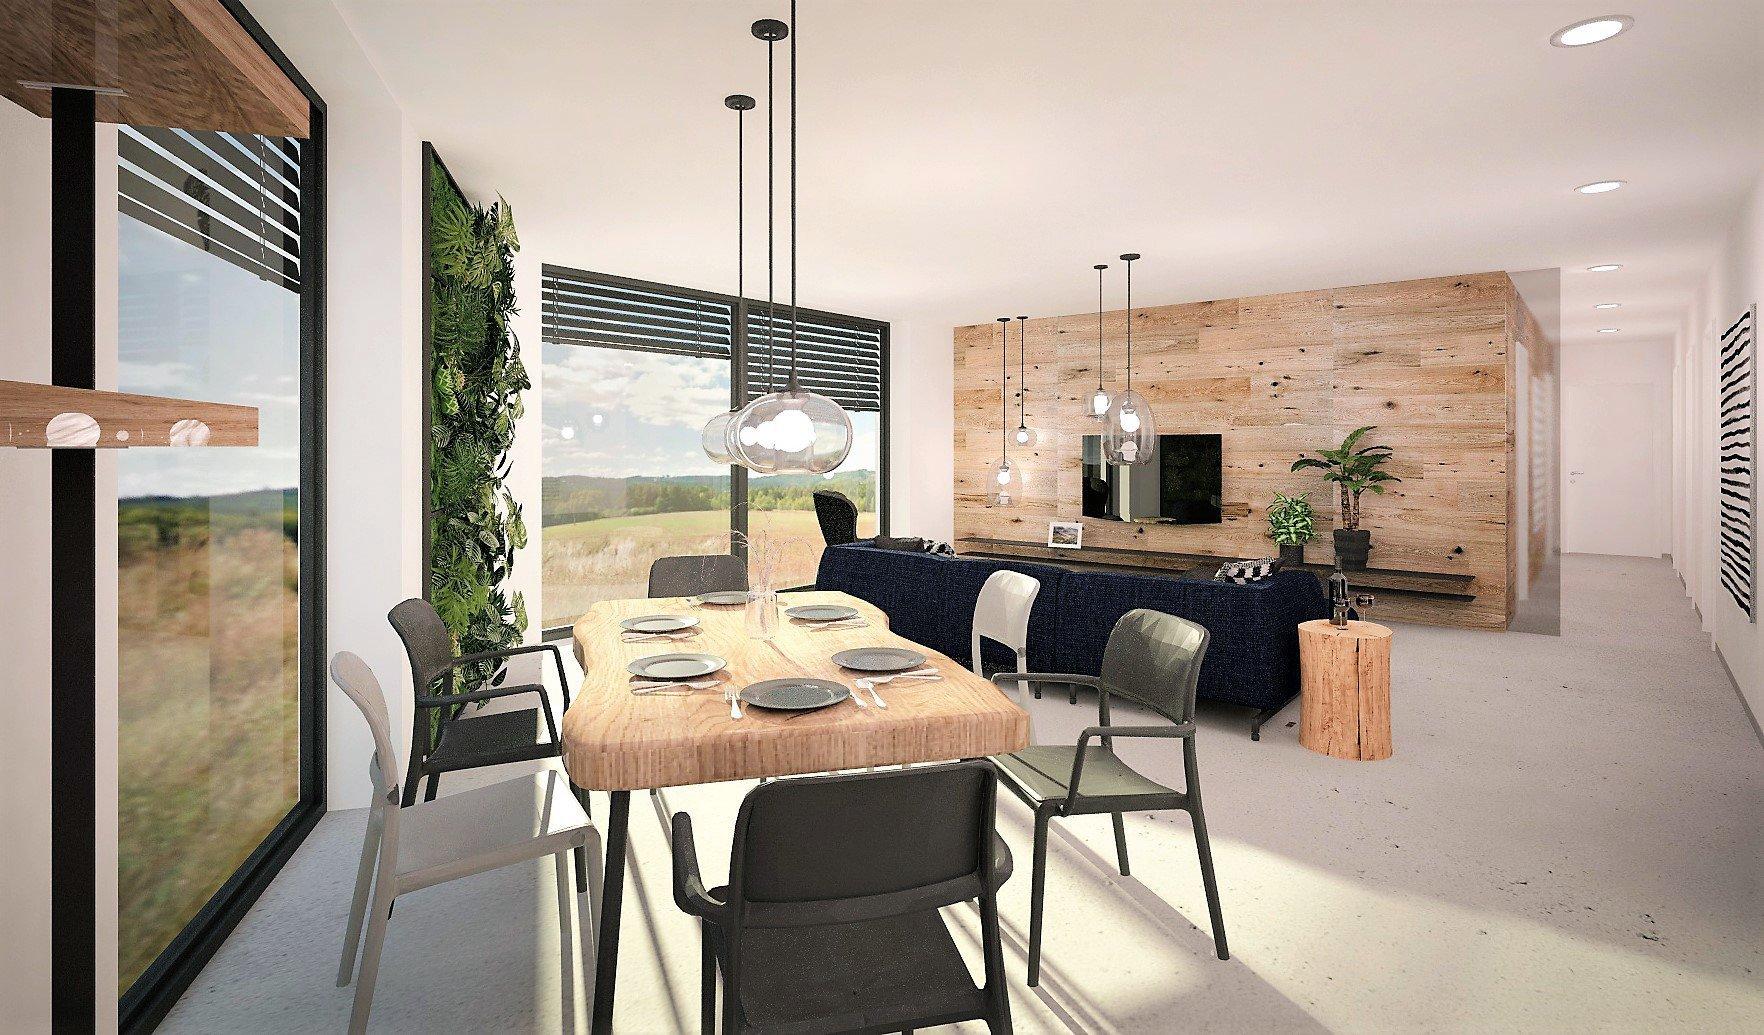 Inteirér je navržen v minimalistickém stylu, kde se skloubí tóny šedé a bílé. Na podlaze pro sjednocení a čistotu prostoru bude epoxidová stěrka, doplňkově…